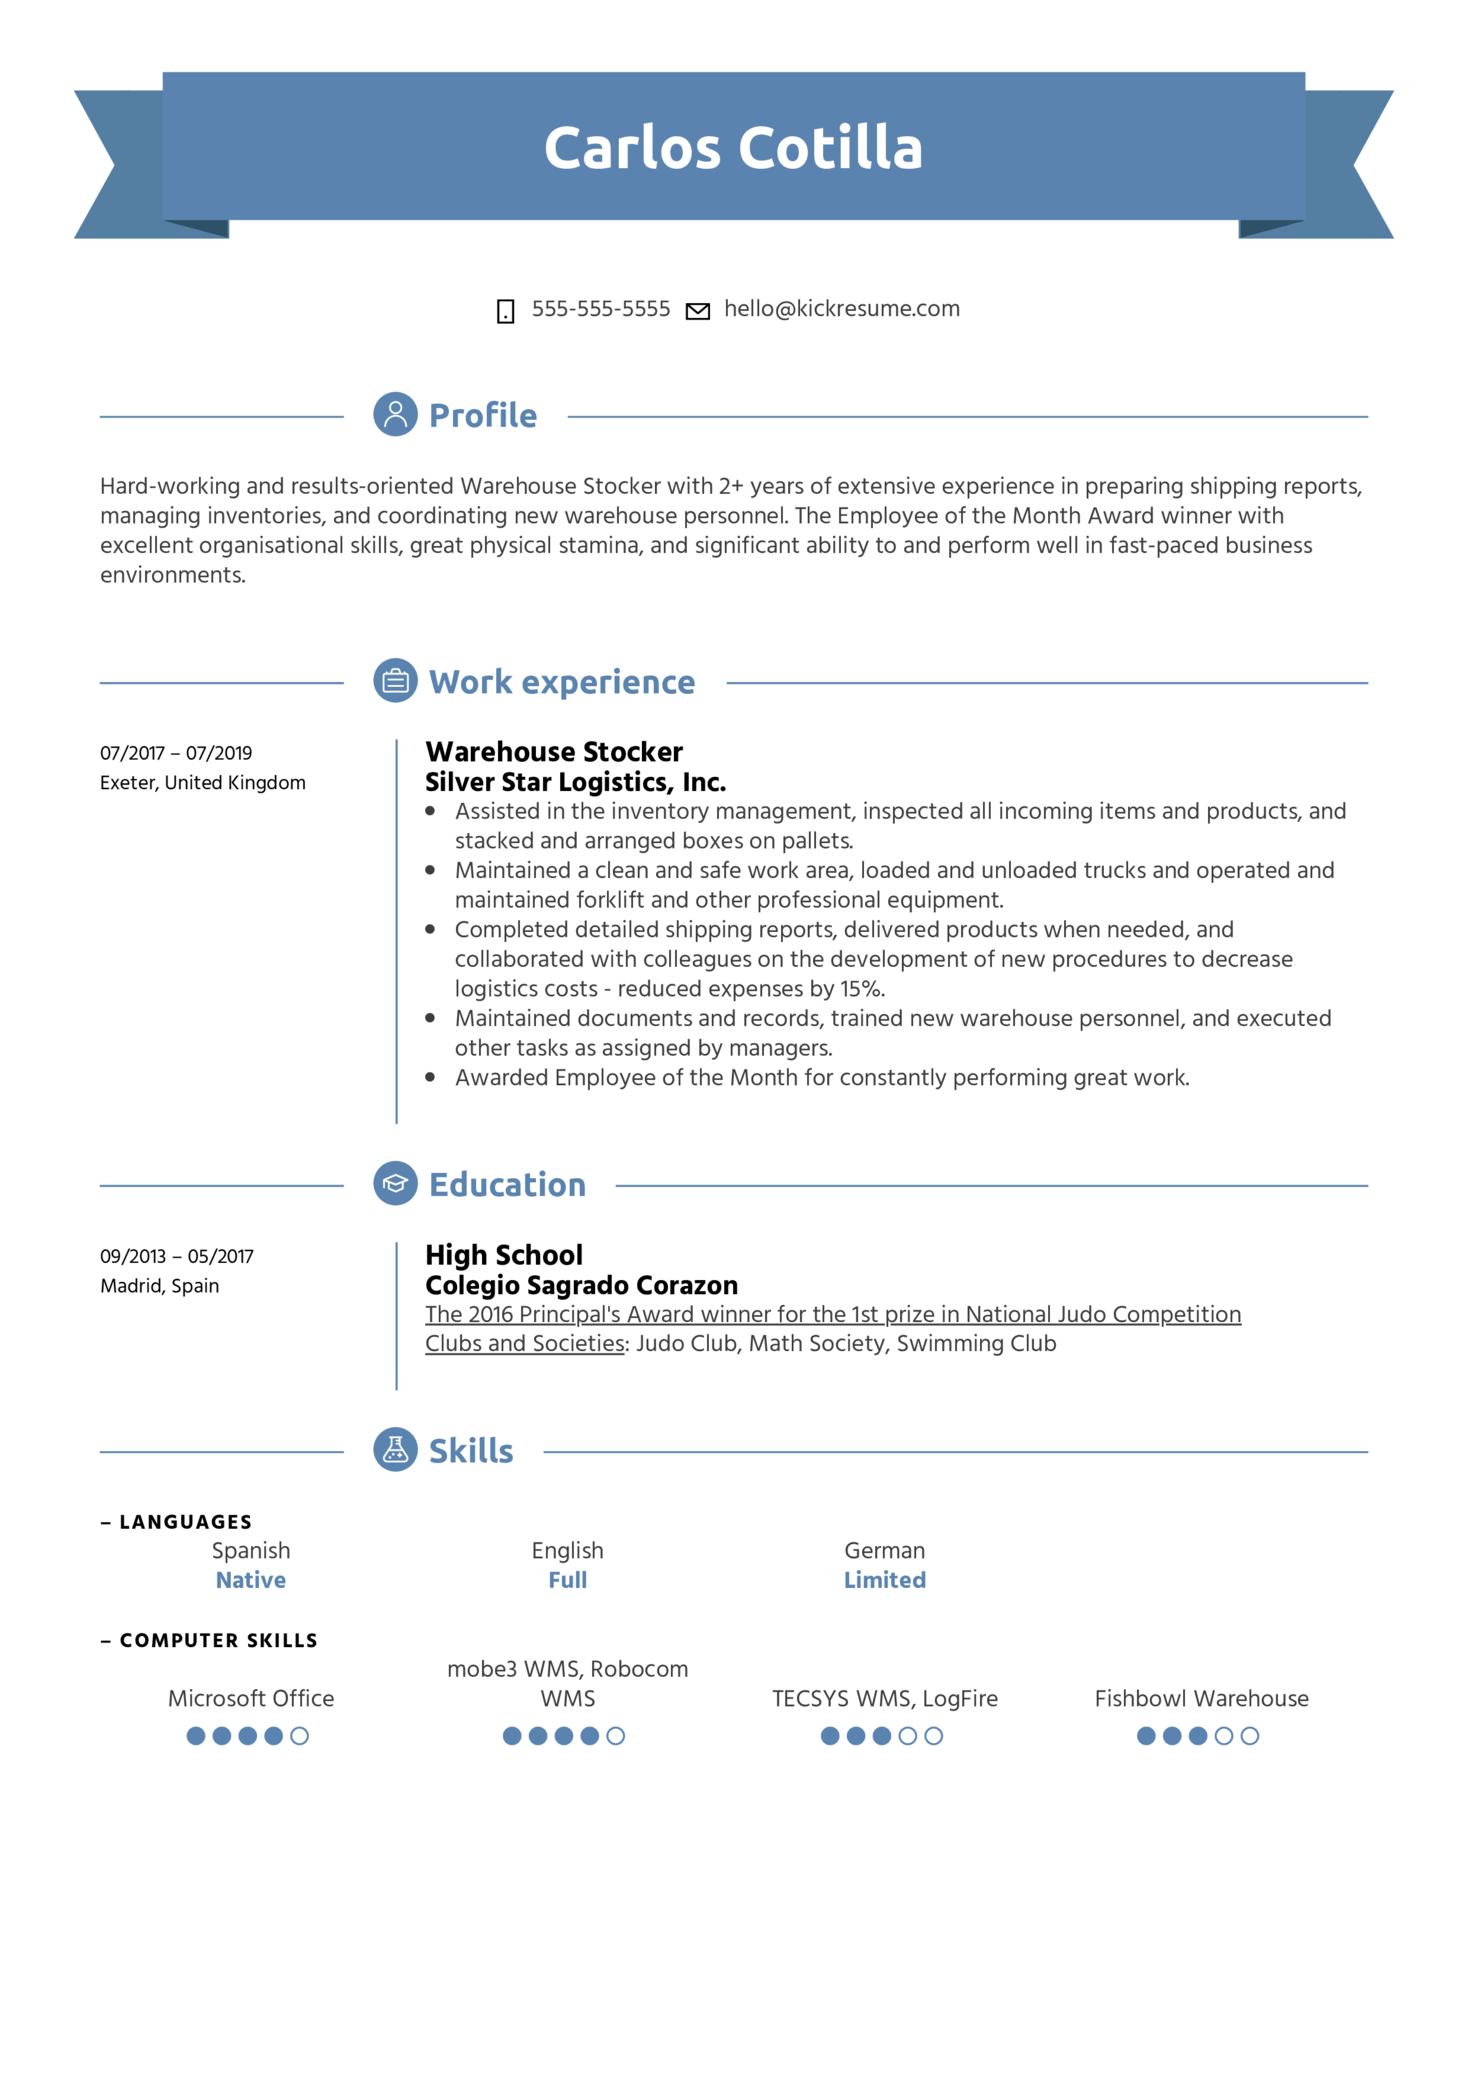 Warehouse Stocker Resume Sample (parte 1)